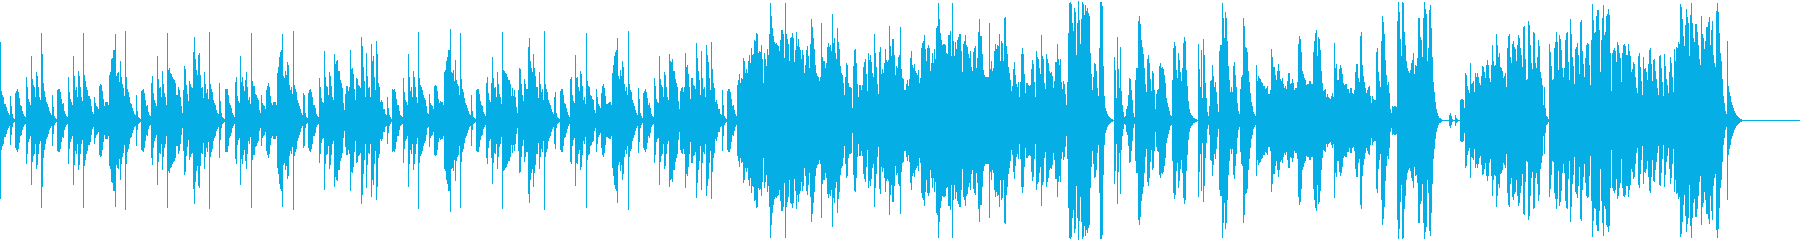 明るく可愛らしいフルートのBGMの再生済みの波形